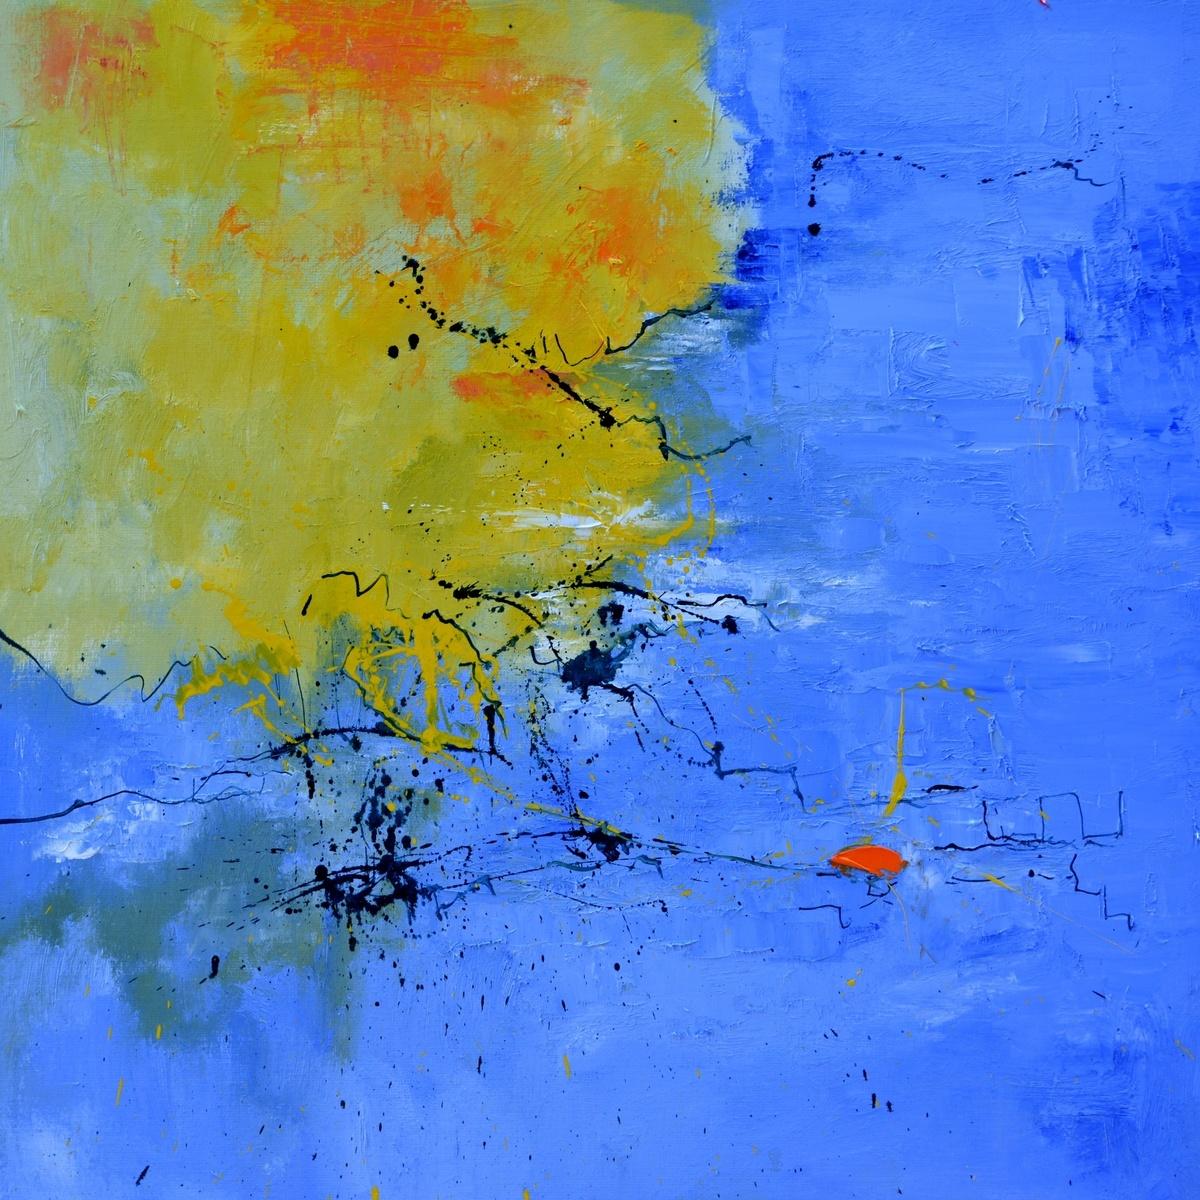 Atoll by Pol Ledent | Buy Art Online | Rise Art